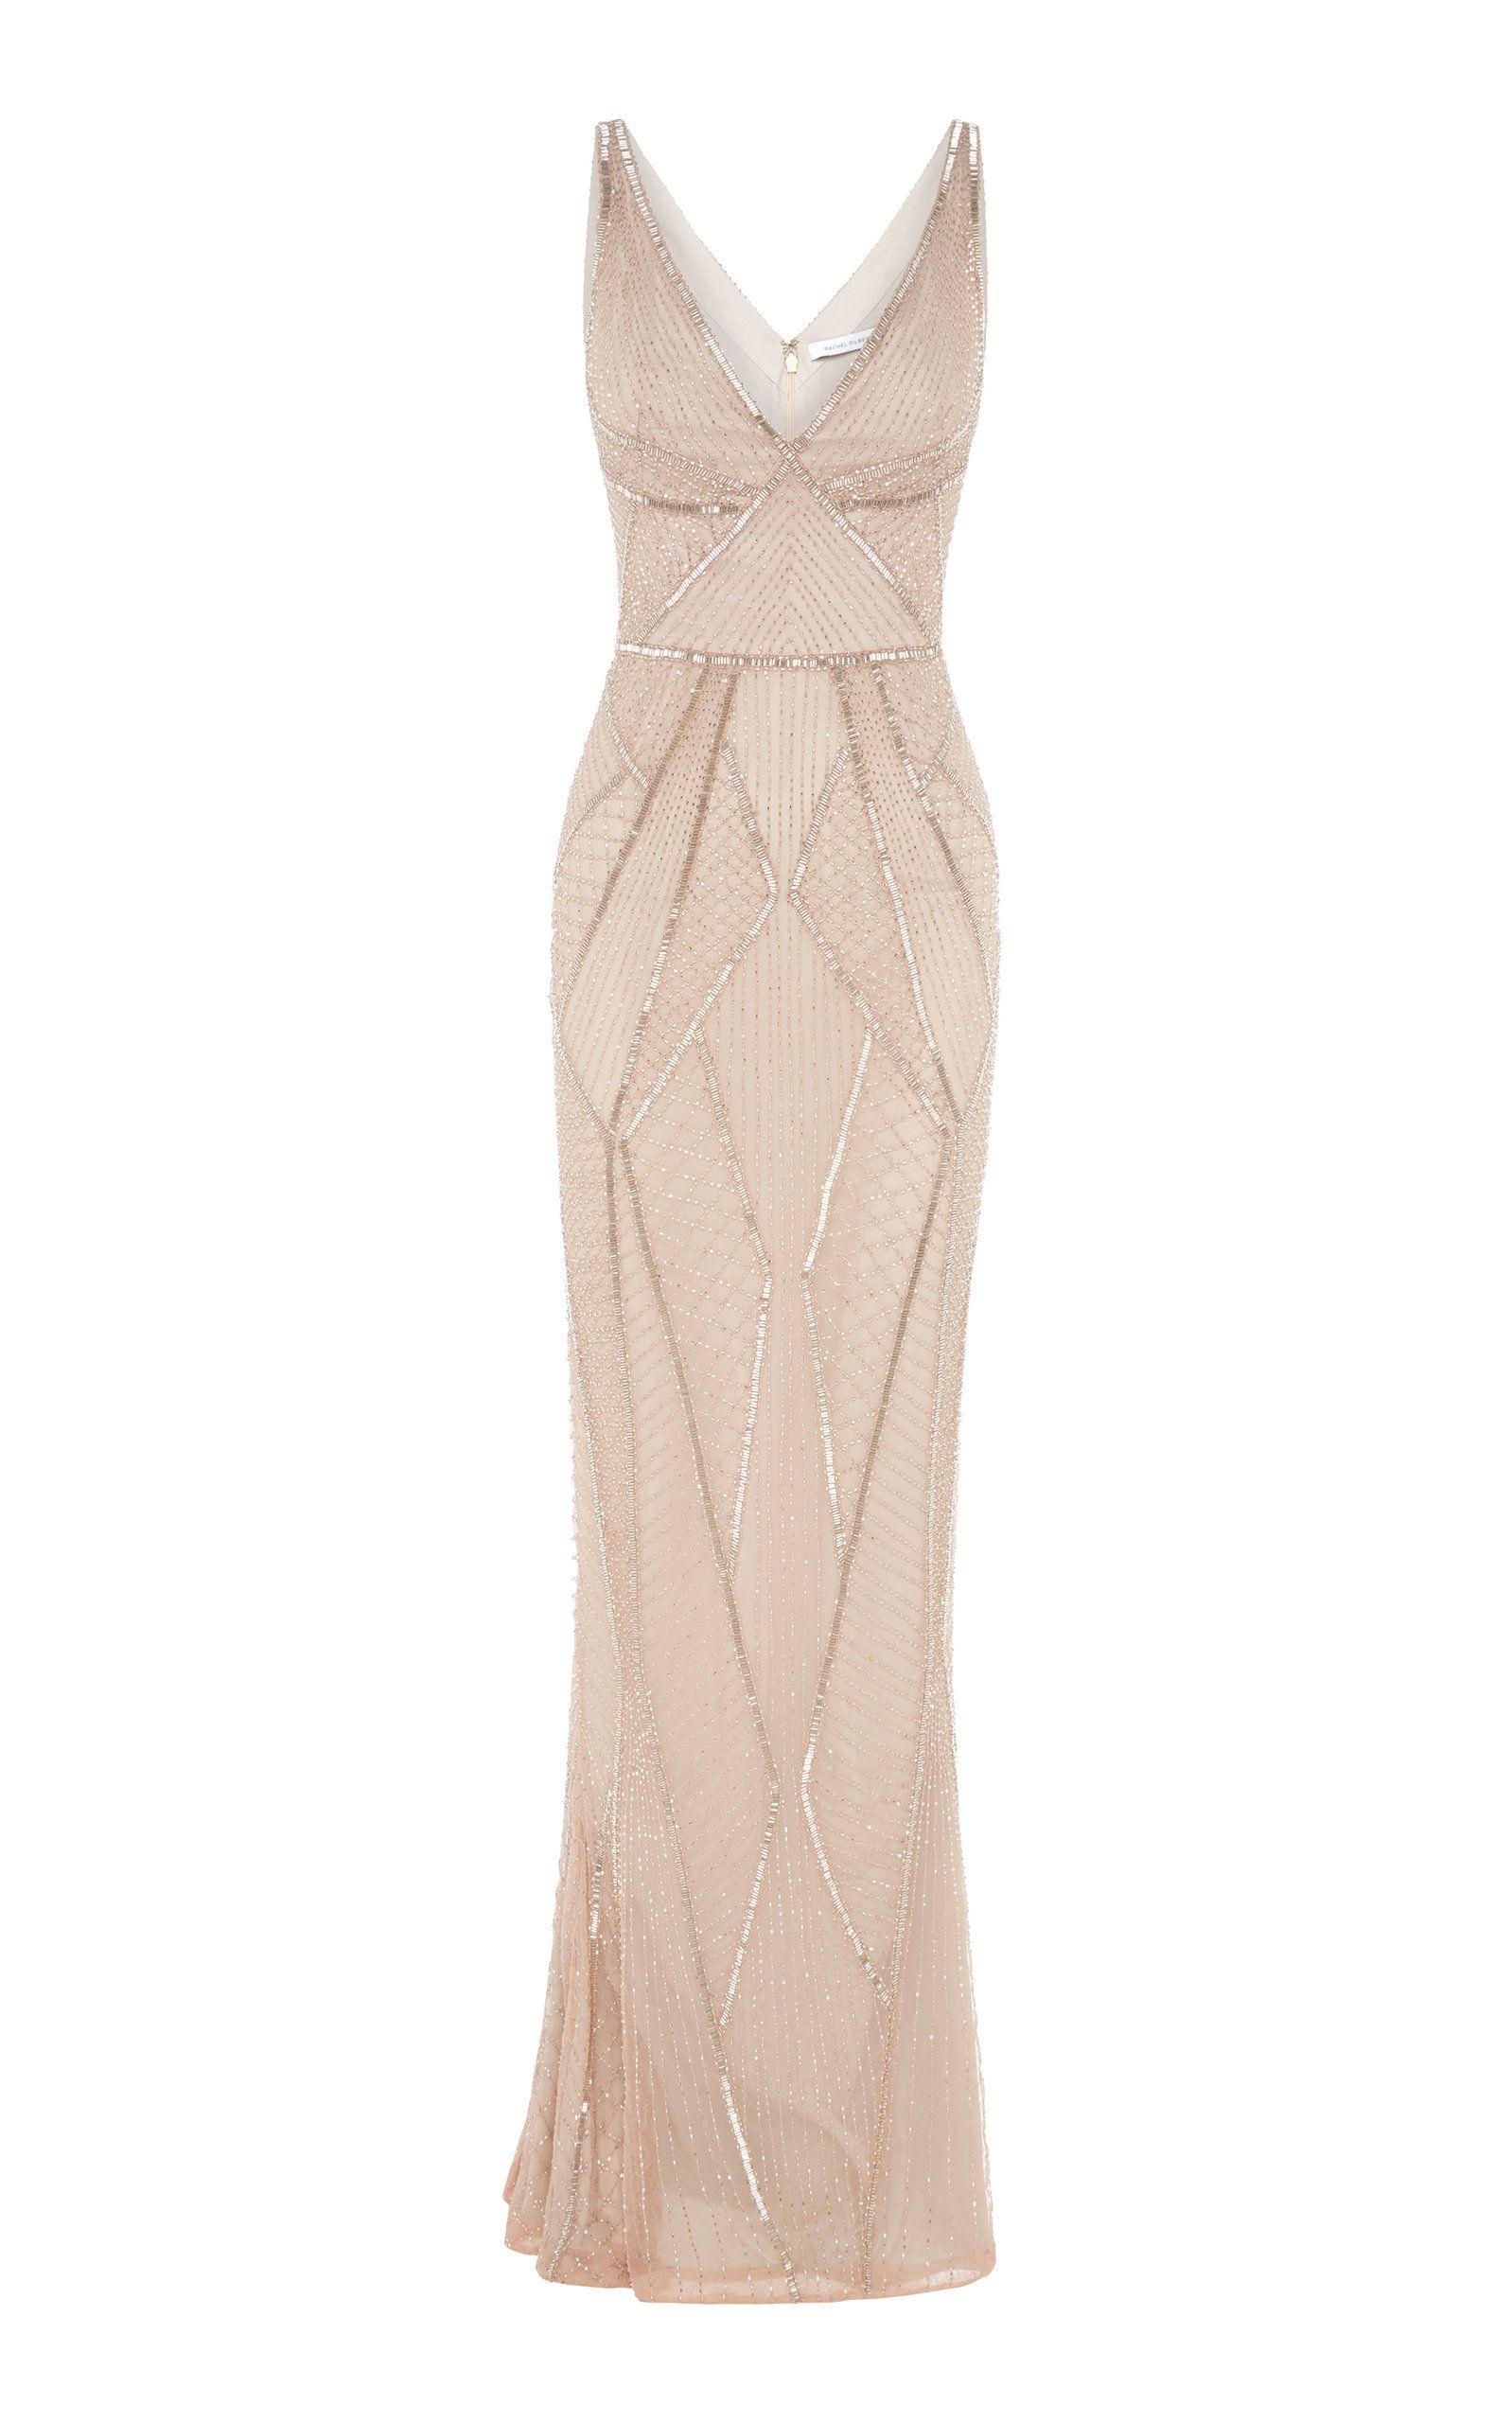 77e8b3d91a0 Rachel Gilbert Kylah Hand Embellished V-Neck Gown